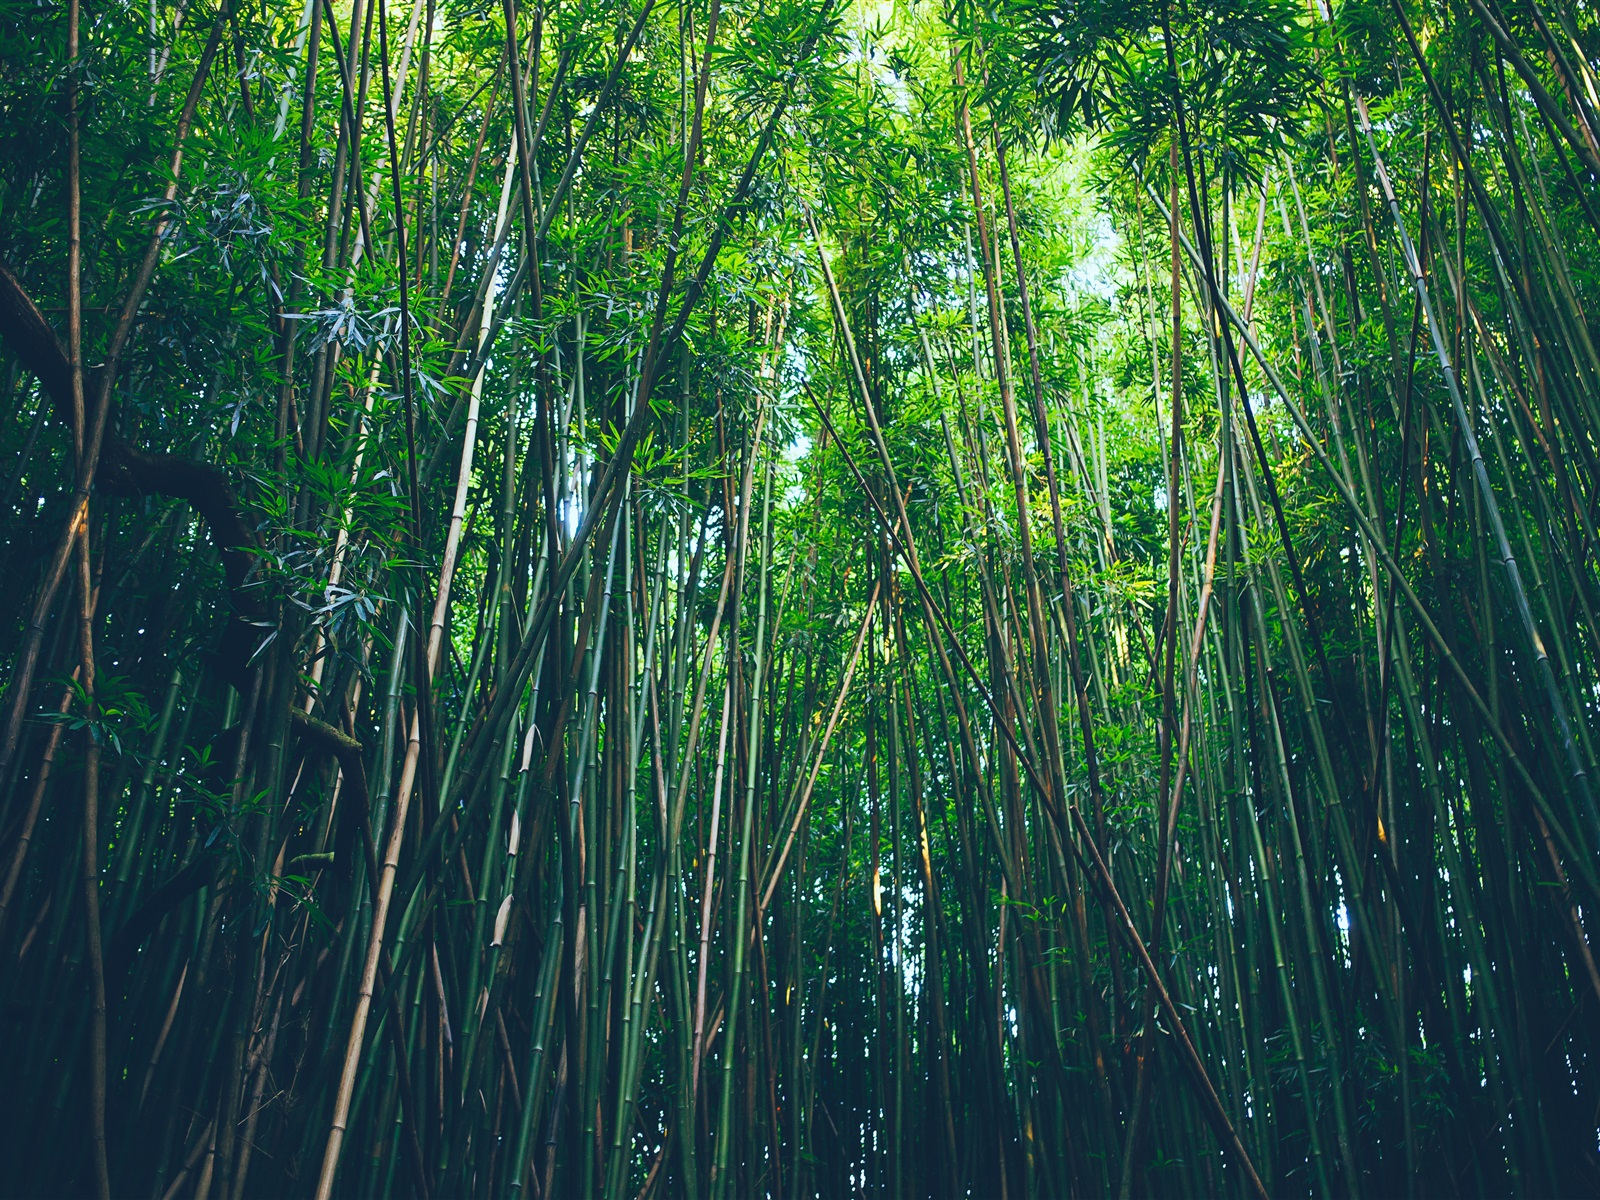 16 Luxury Pubg Wallpaper Iphone 6: Fonds D'écran Forêt De Bambou, Nature 3840x2160 UHD 4K Image